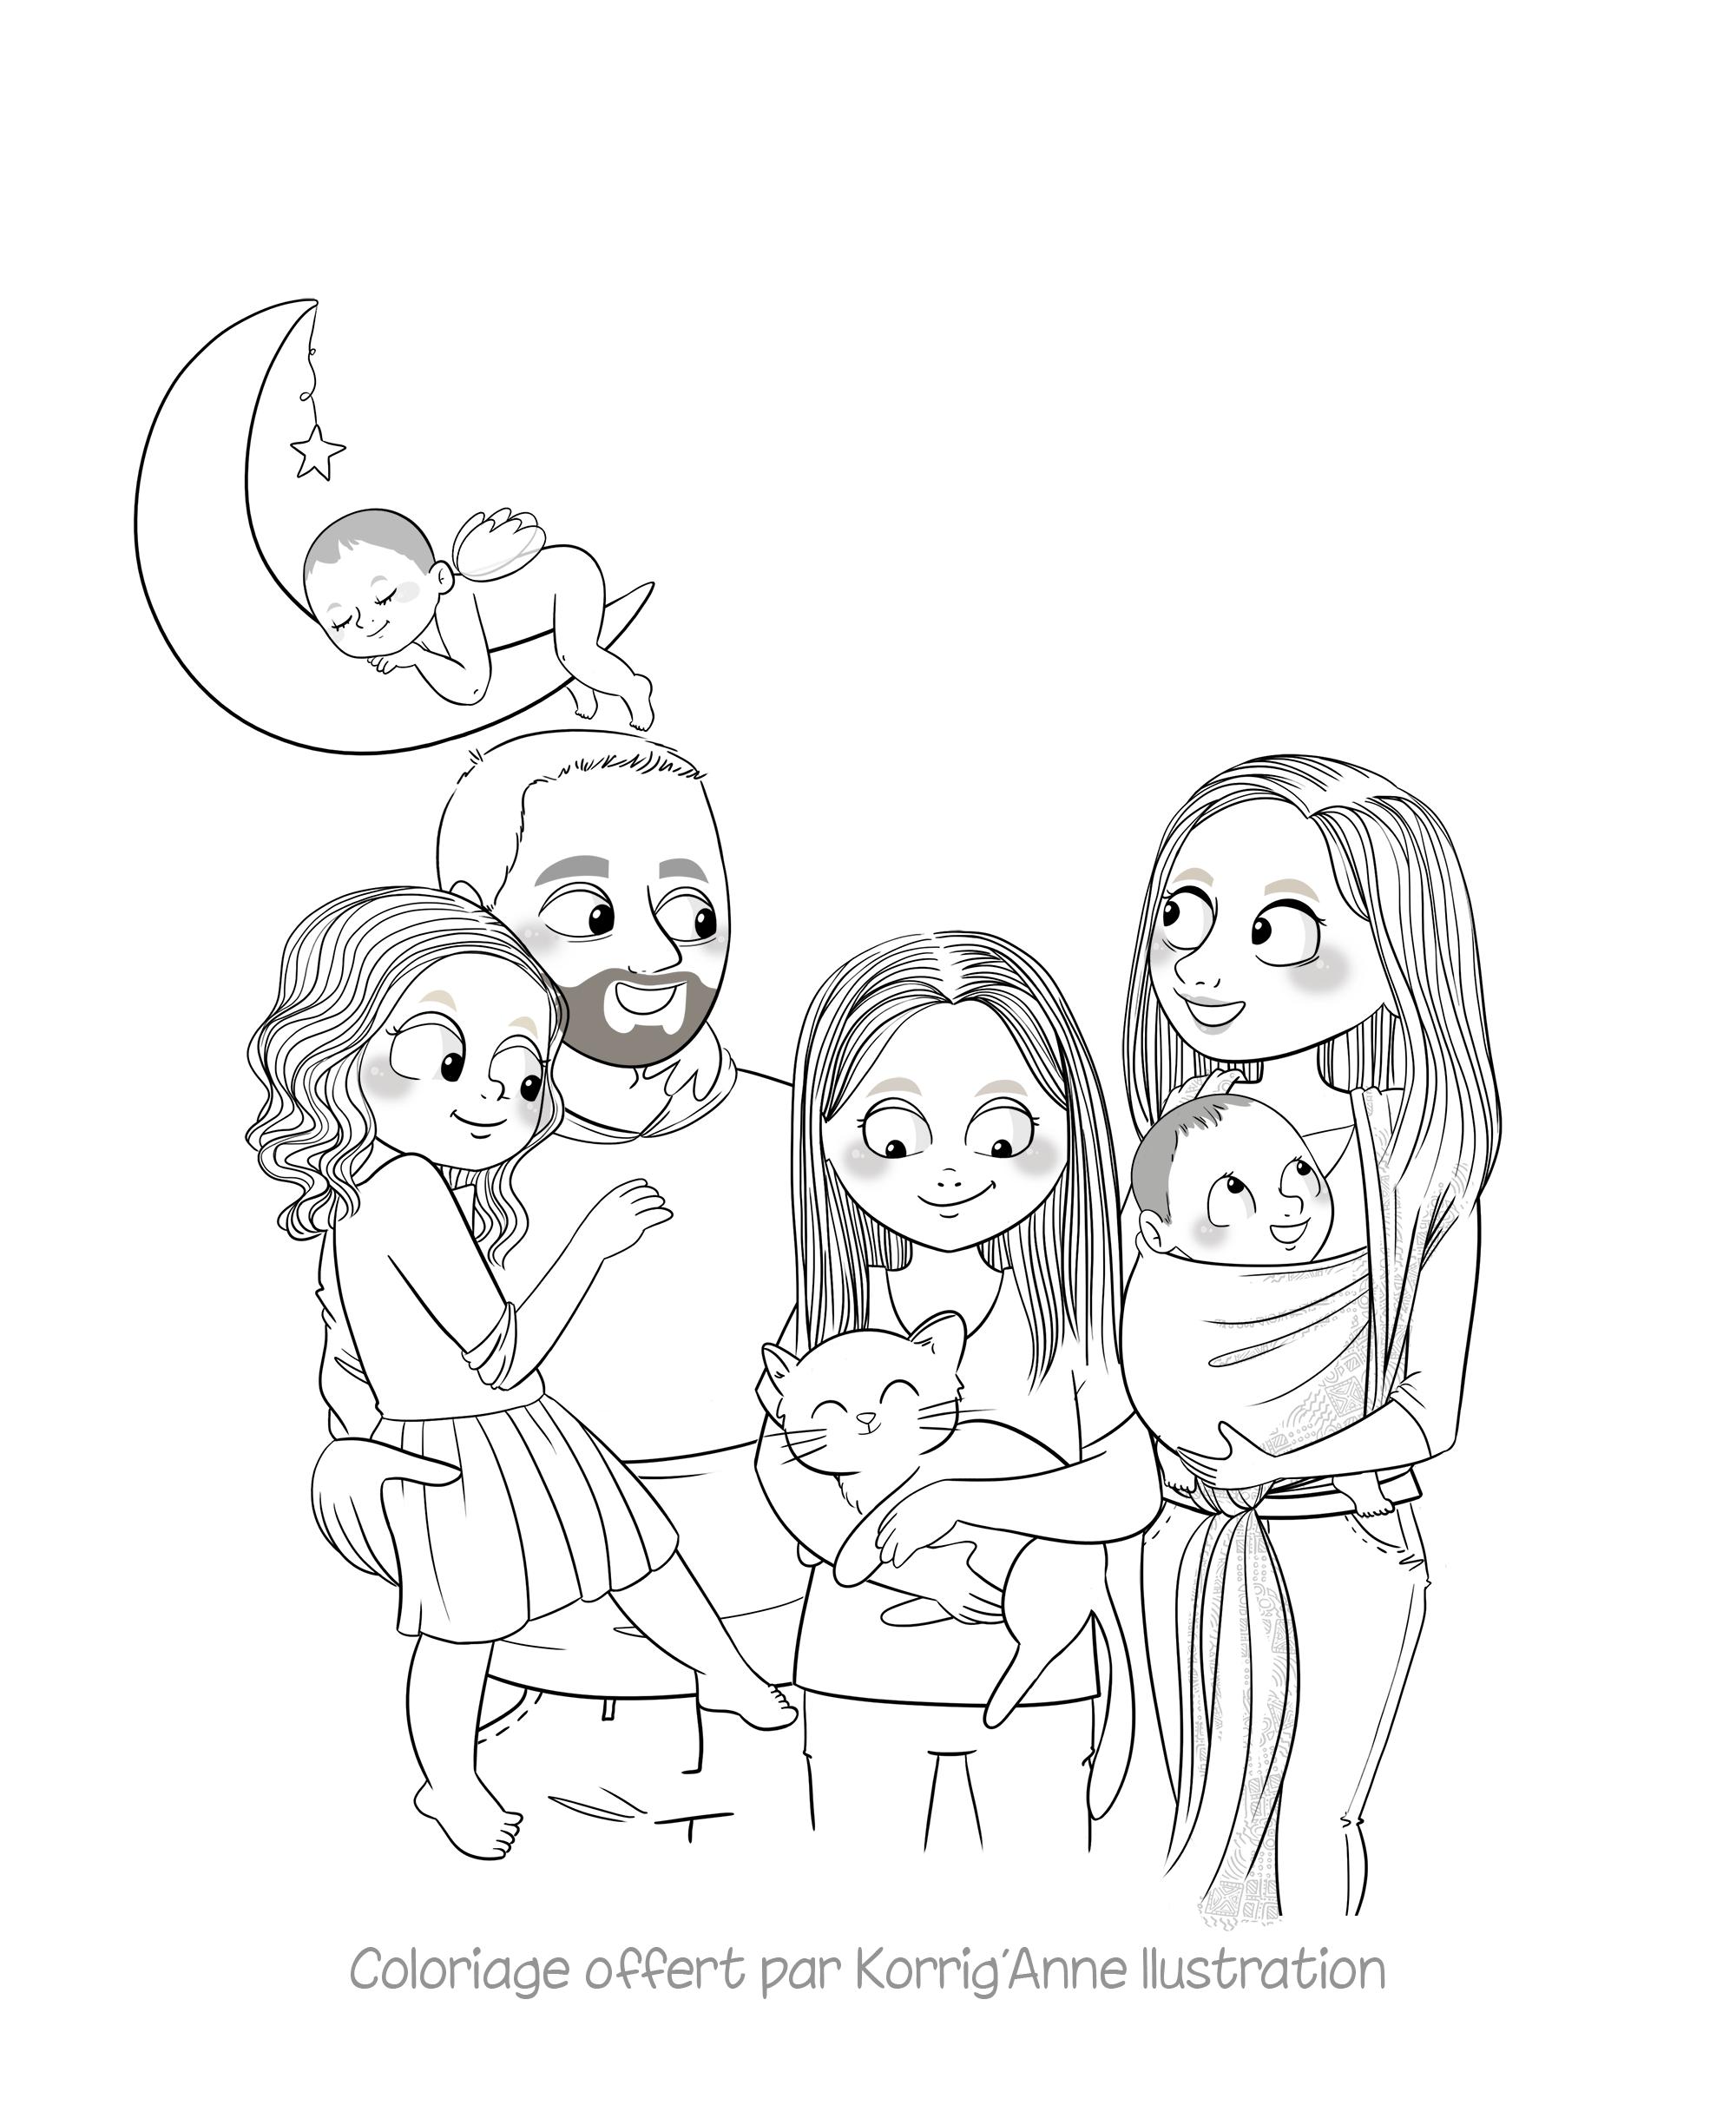 Portrait de famille coloriage gratuit   Korrig'Anne